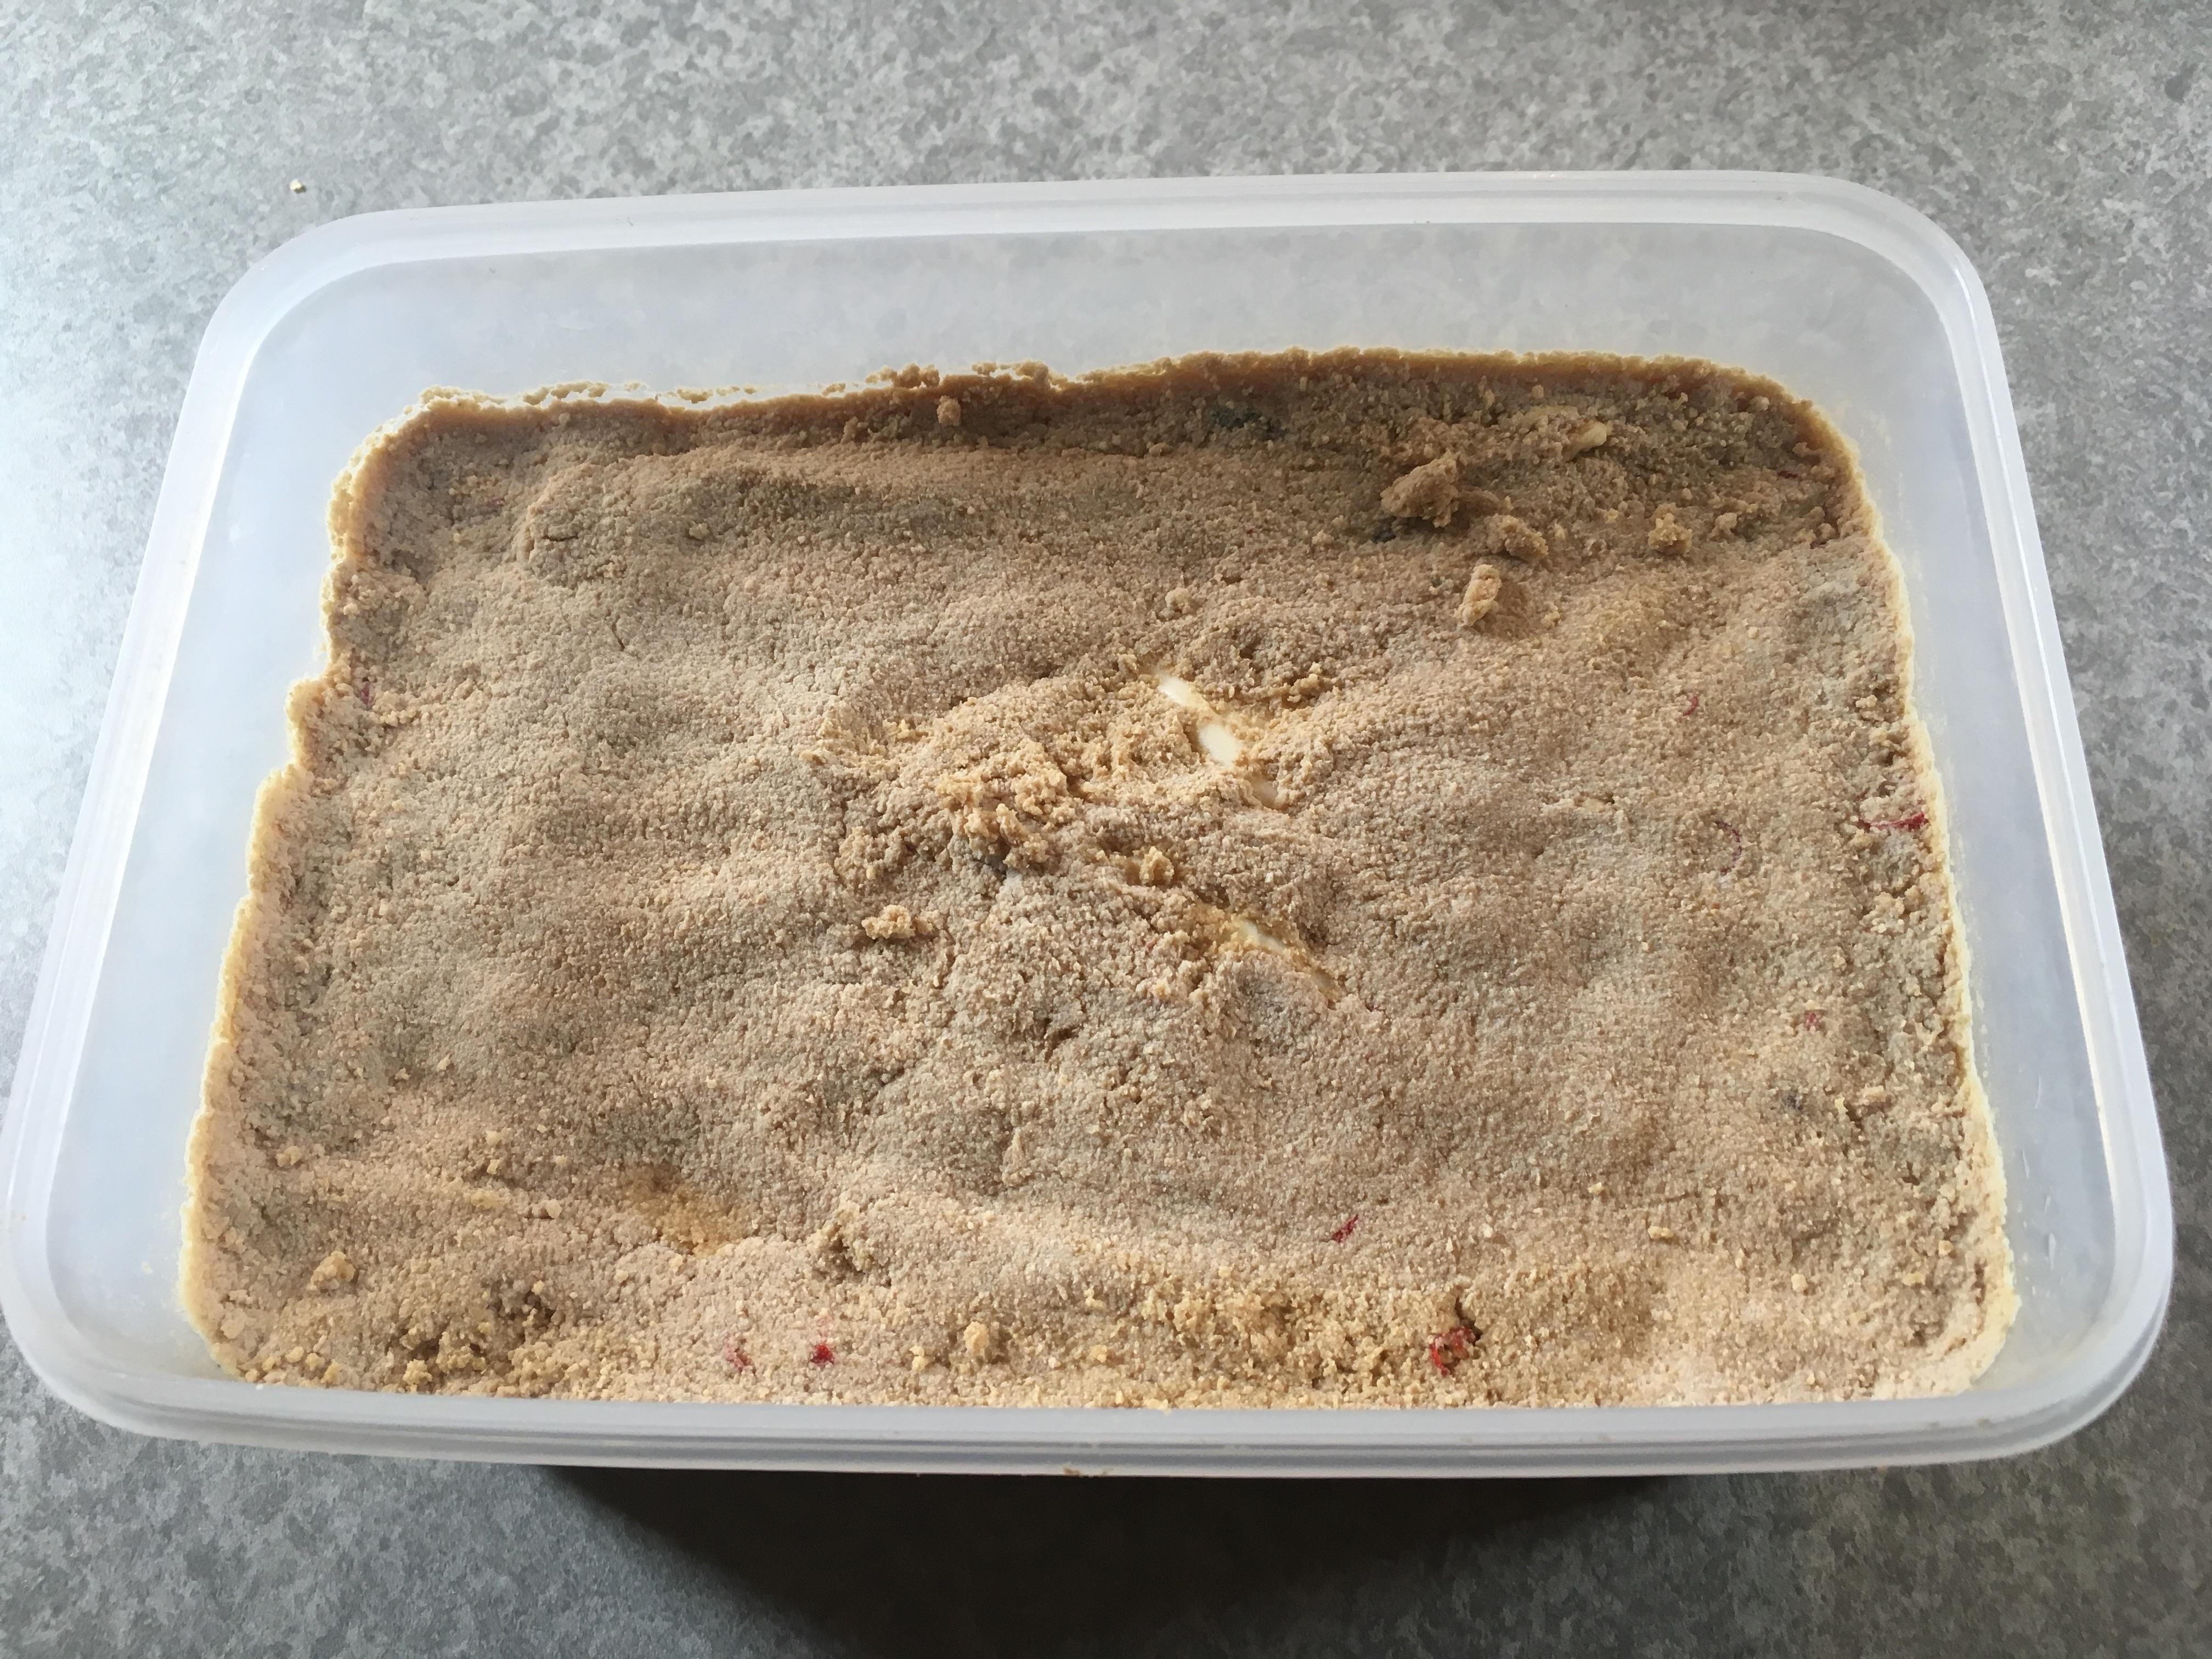 ぬか床作りを始めて10日後のぬか床。酸膜酵母あり。